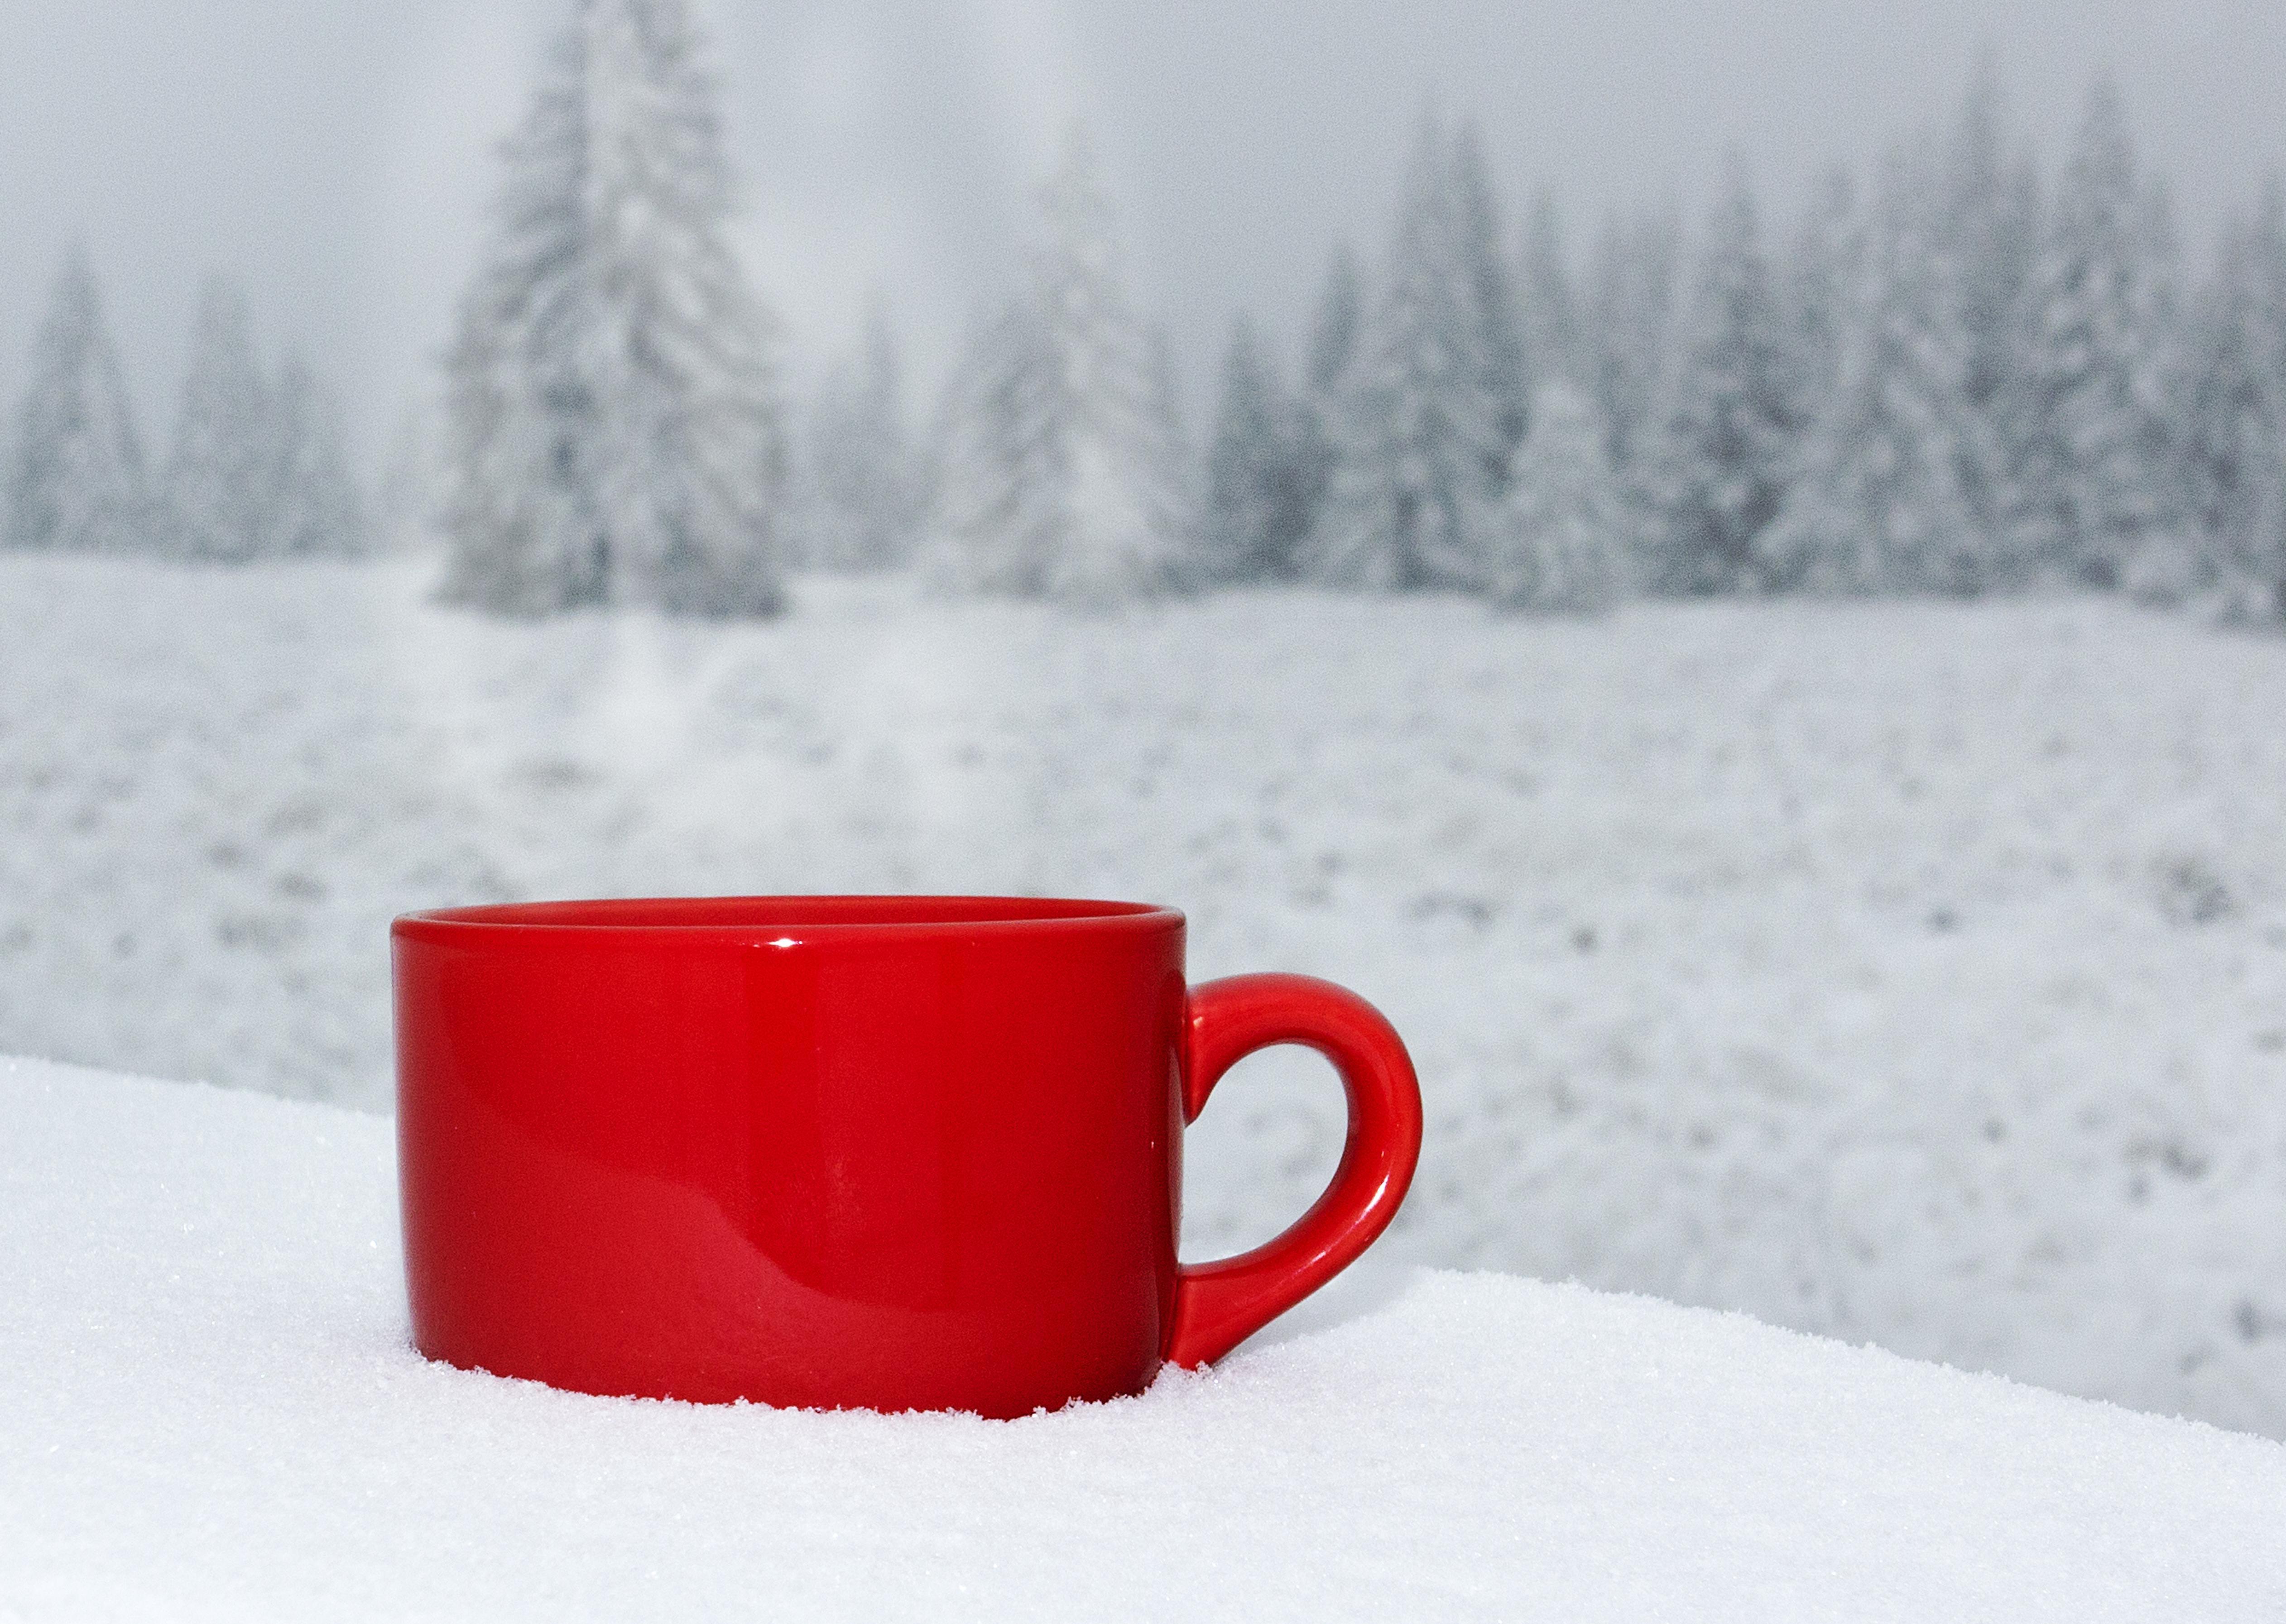 картинка чашка чая и снег великому